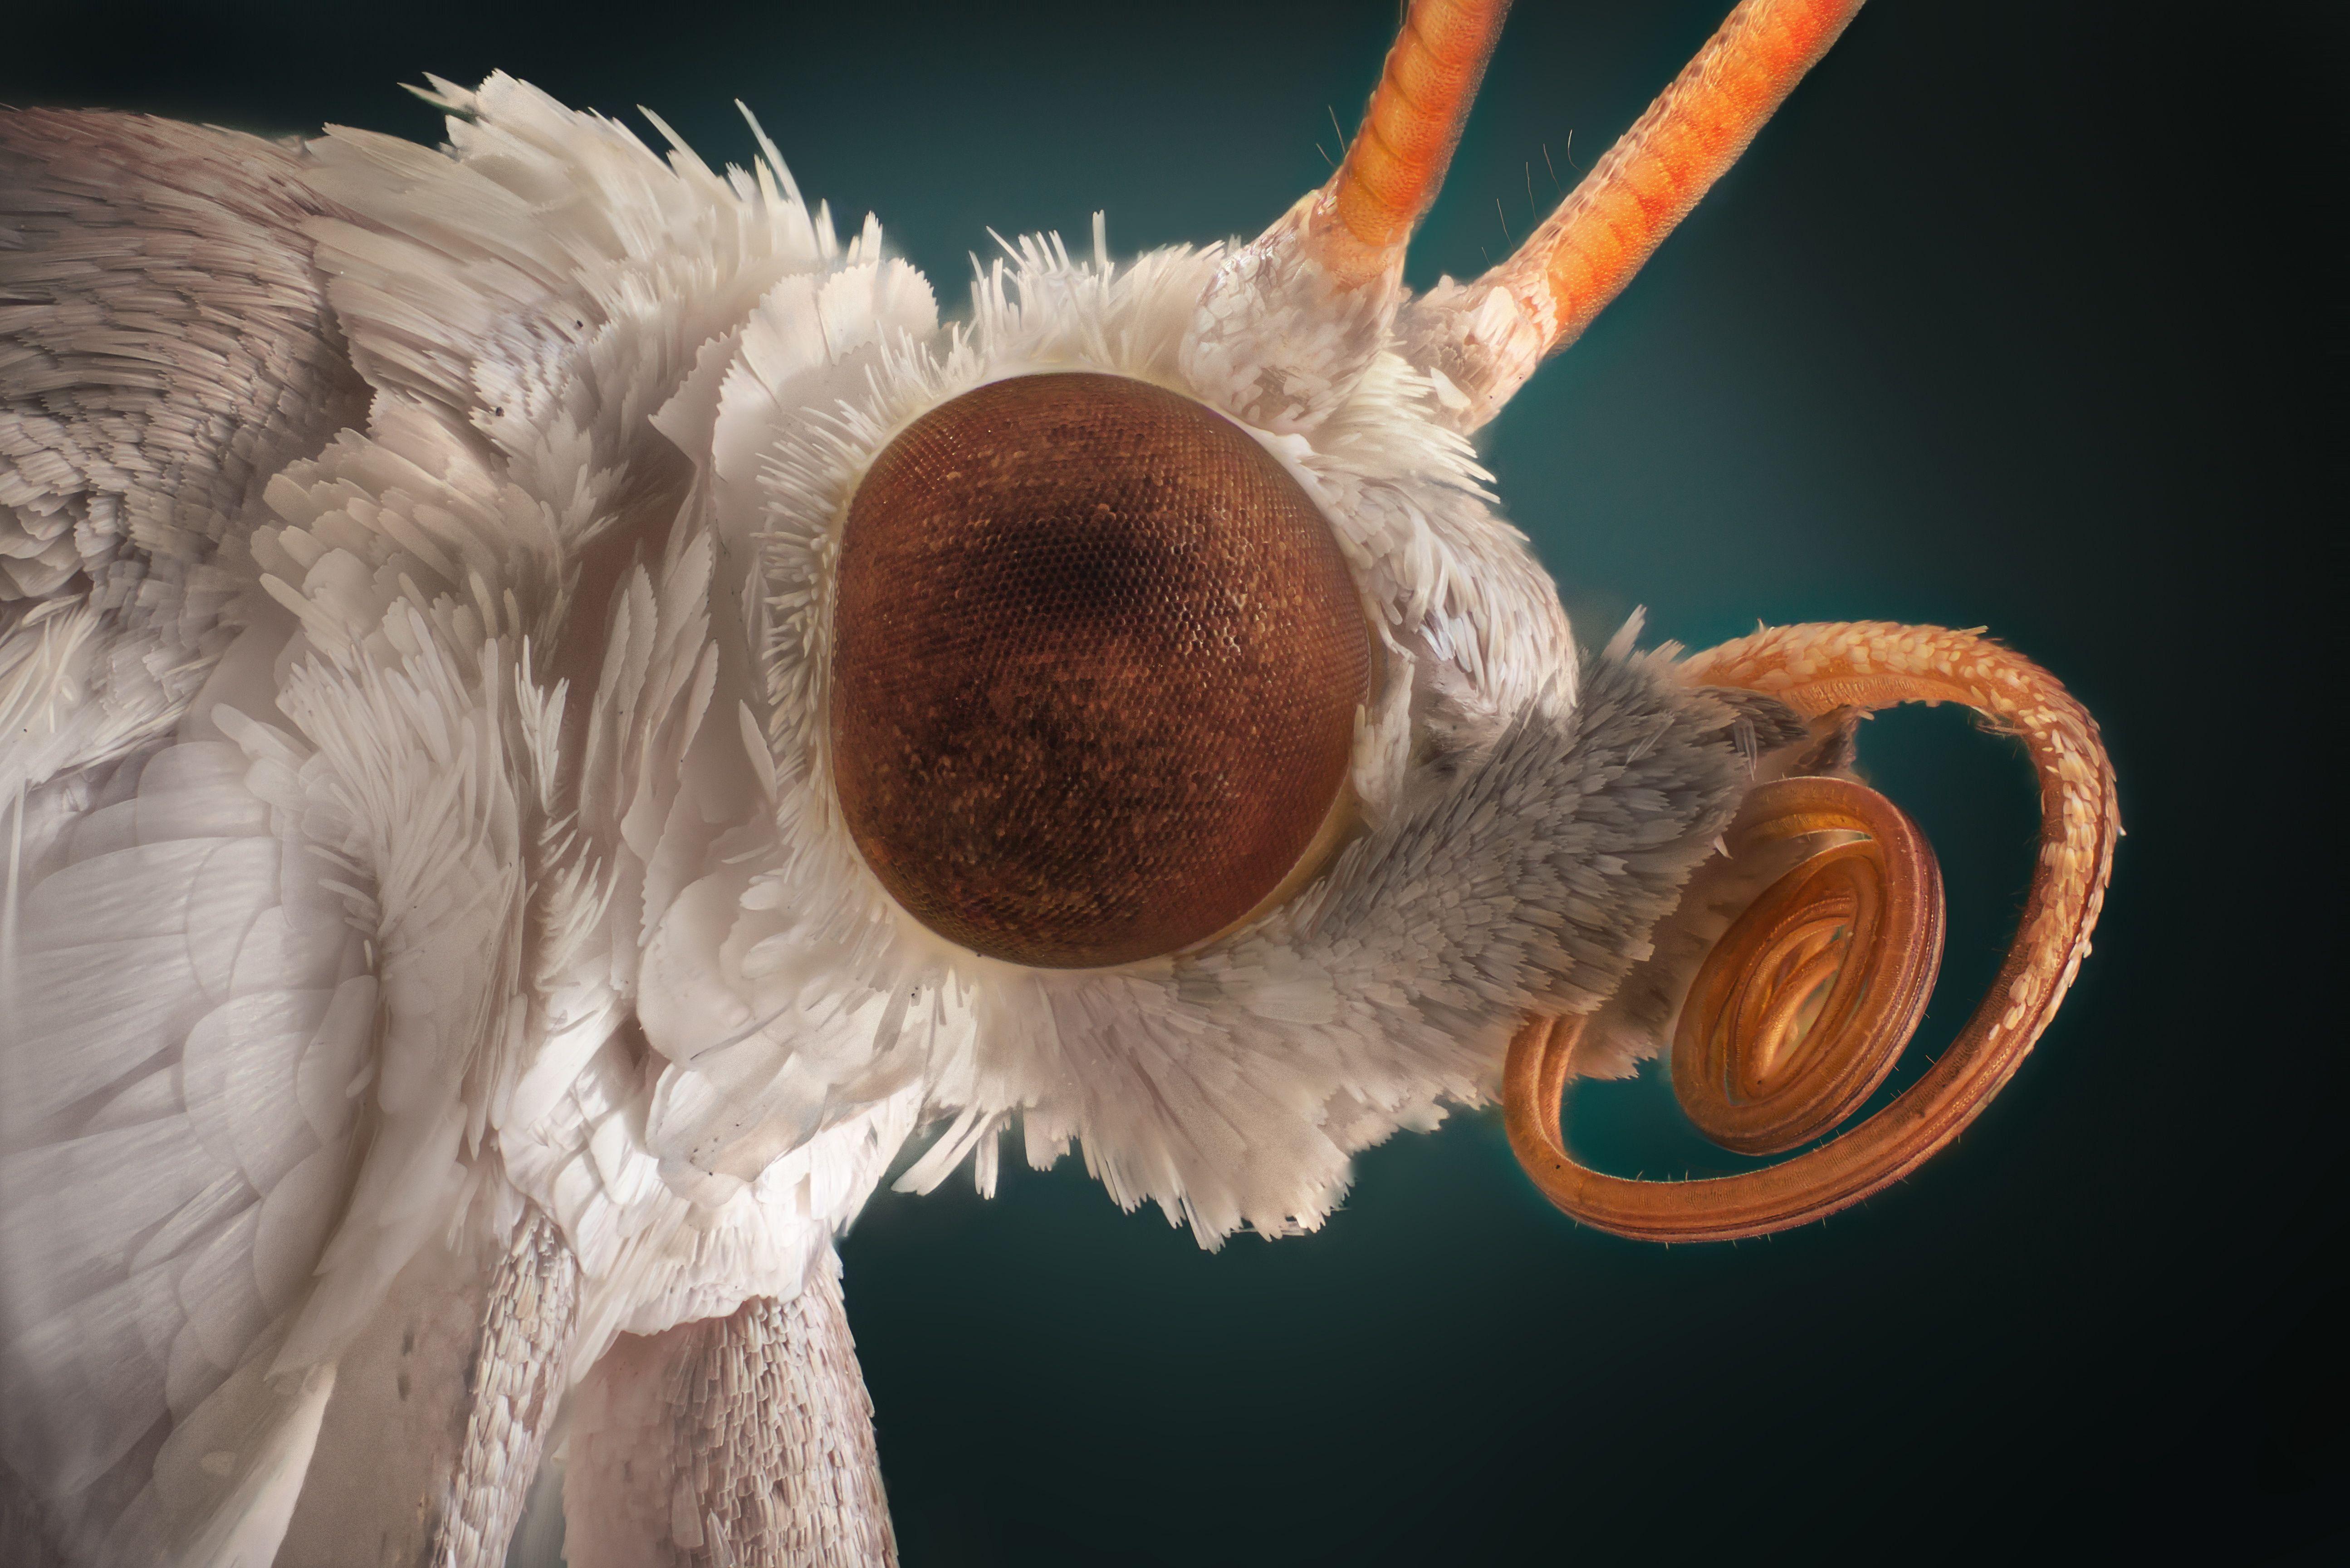 Tiny White Carpet Bugs